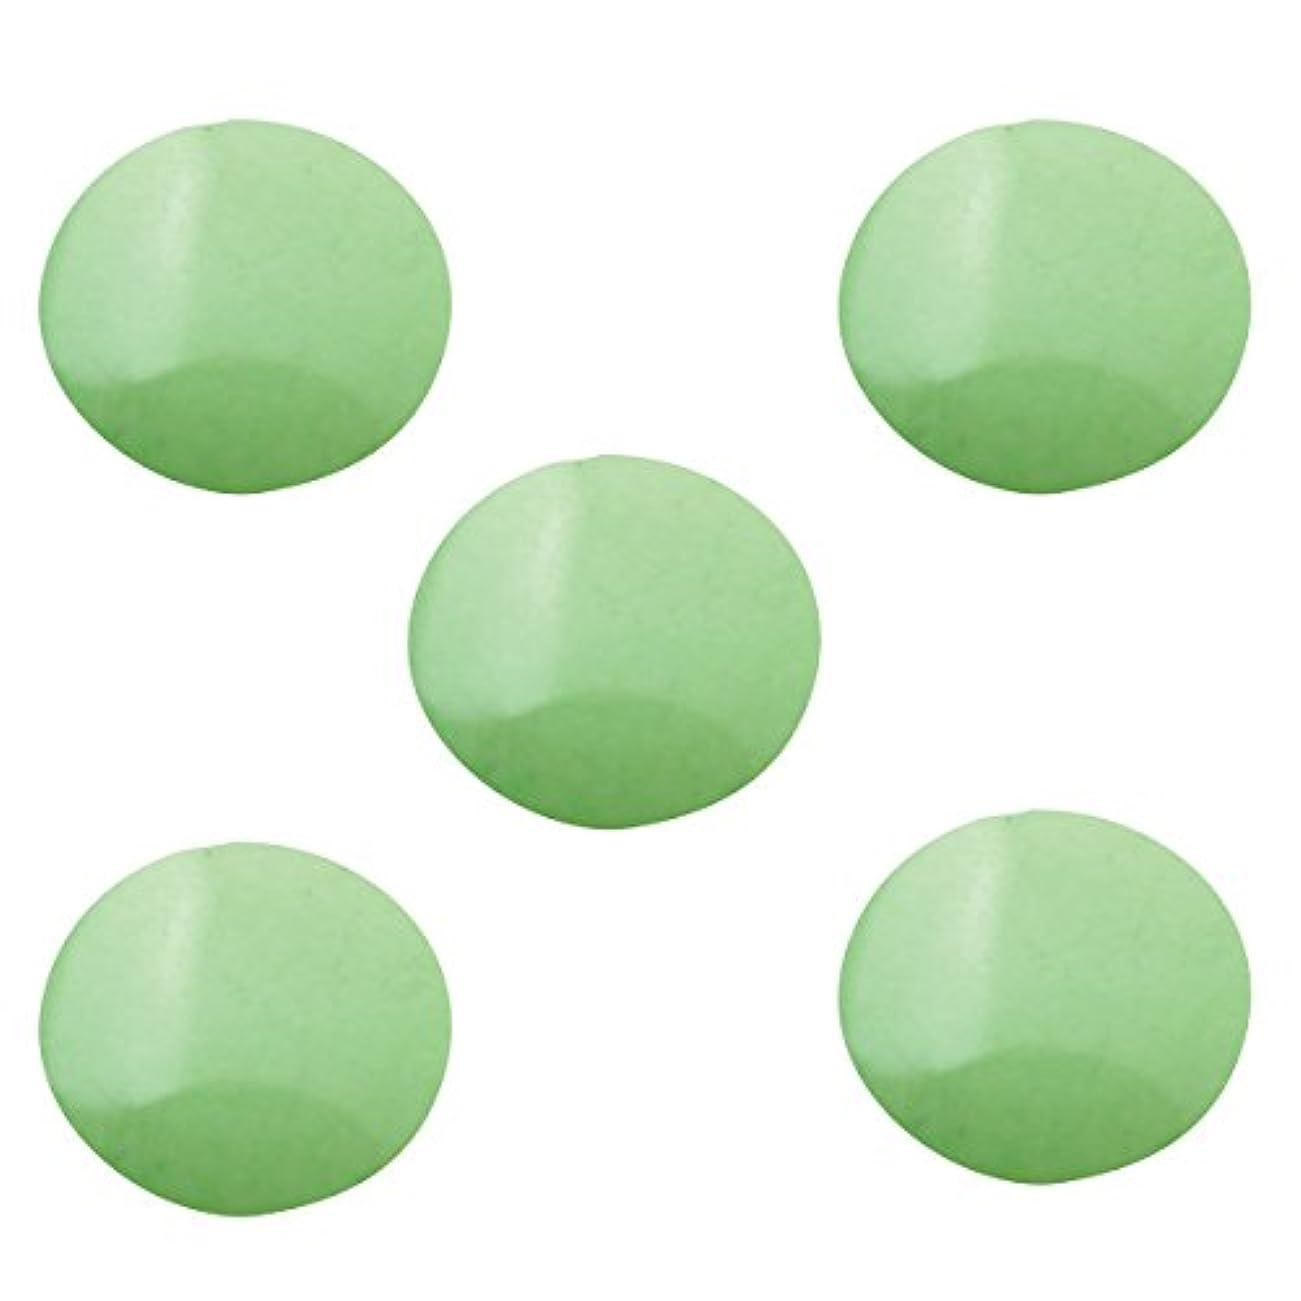 トライアスリートキャプションレジデンスパステルスタッズ ラウンド 3mm (100個入り) グリーン